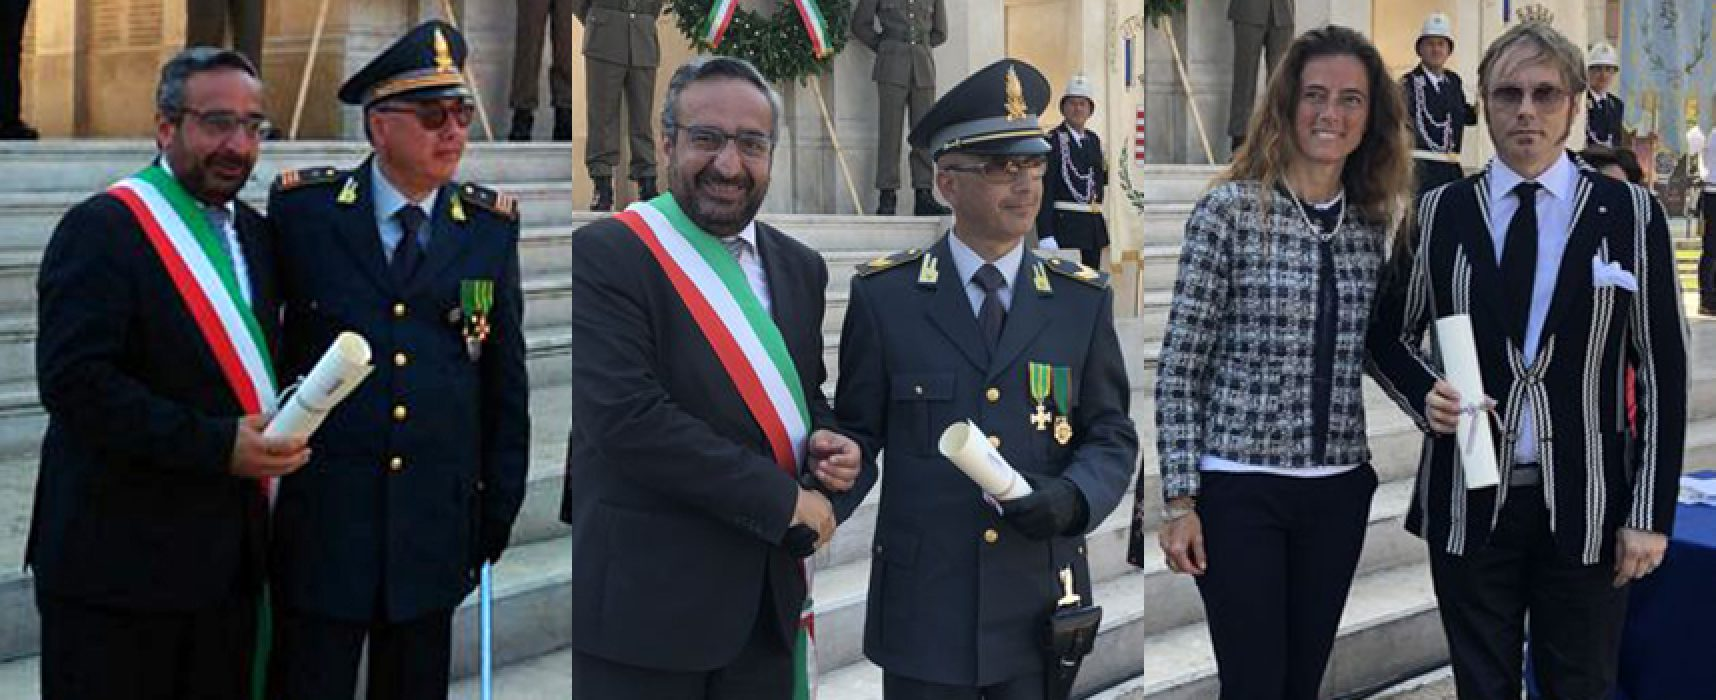 Tre biscegliesi insigniti dell'onoreficenza di Cavaliere al Merito della Repubblica